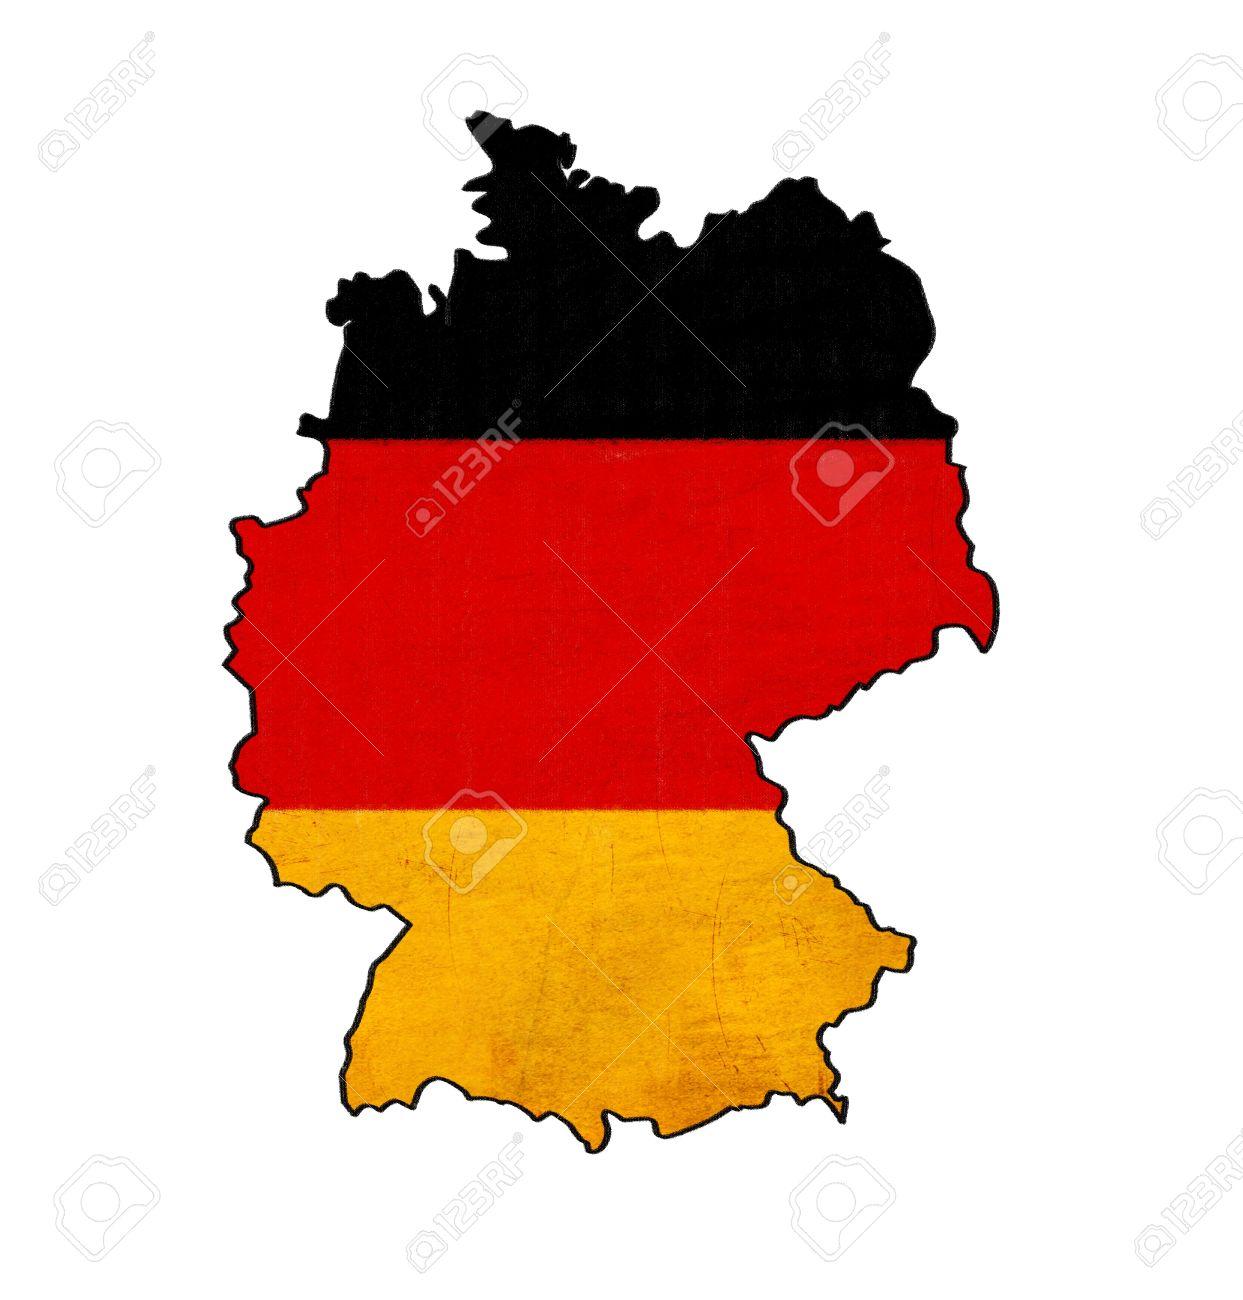 Carte de l'Allemagne sur le dessin drapeau Allemagne, grunge et rétro flag series Banque d'images - 15531448